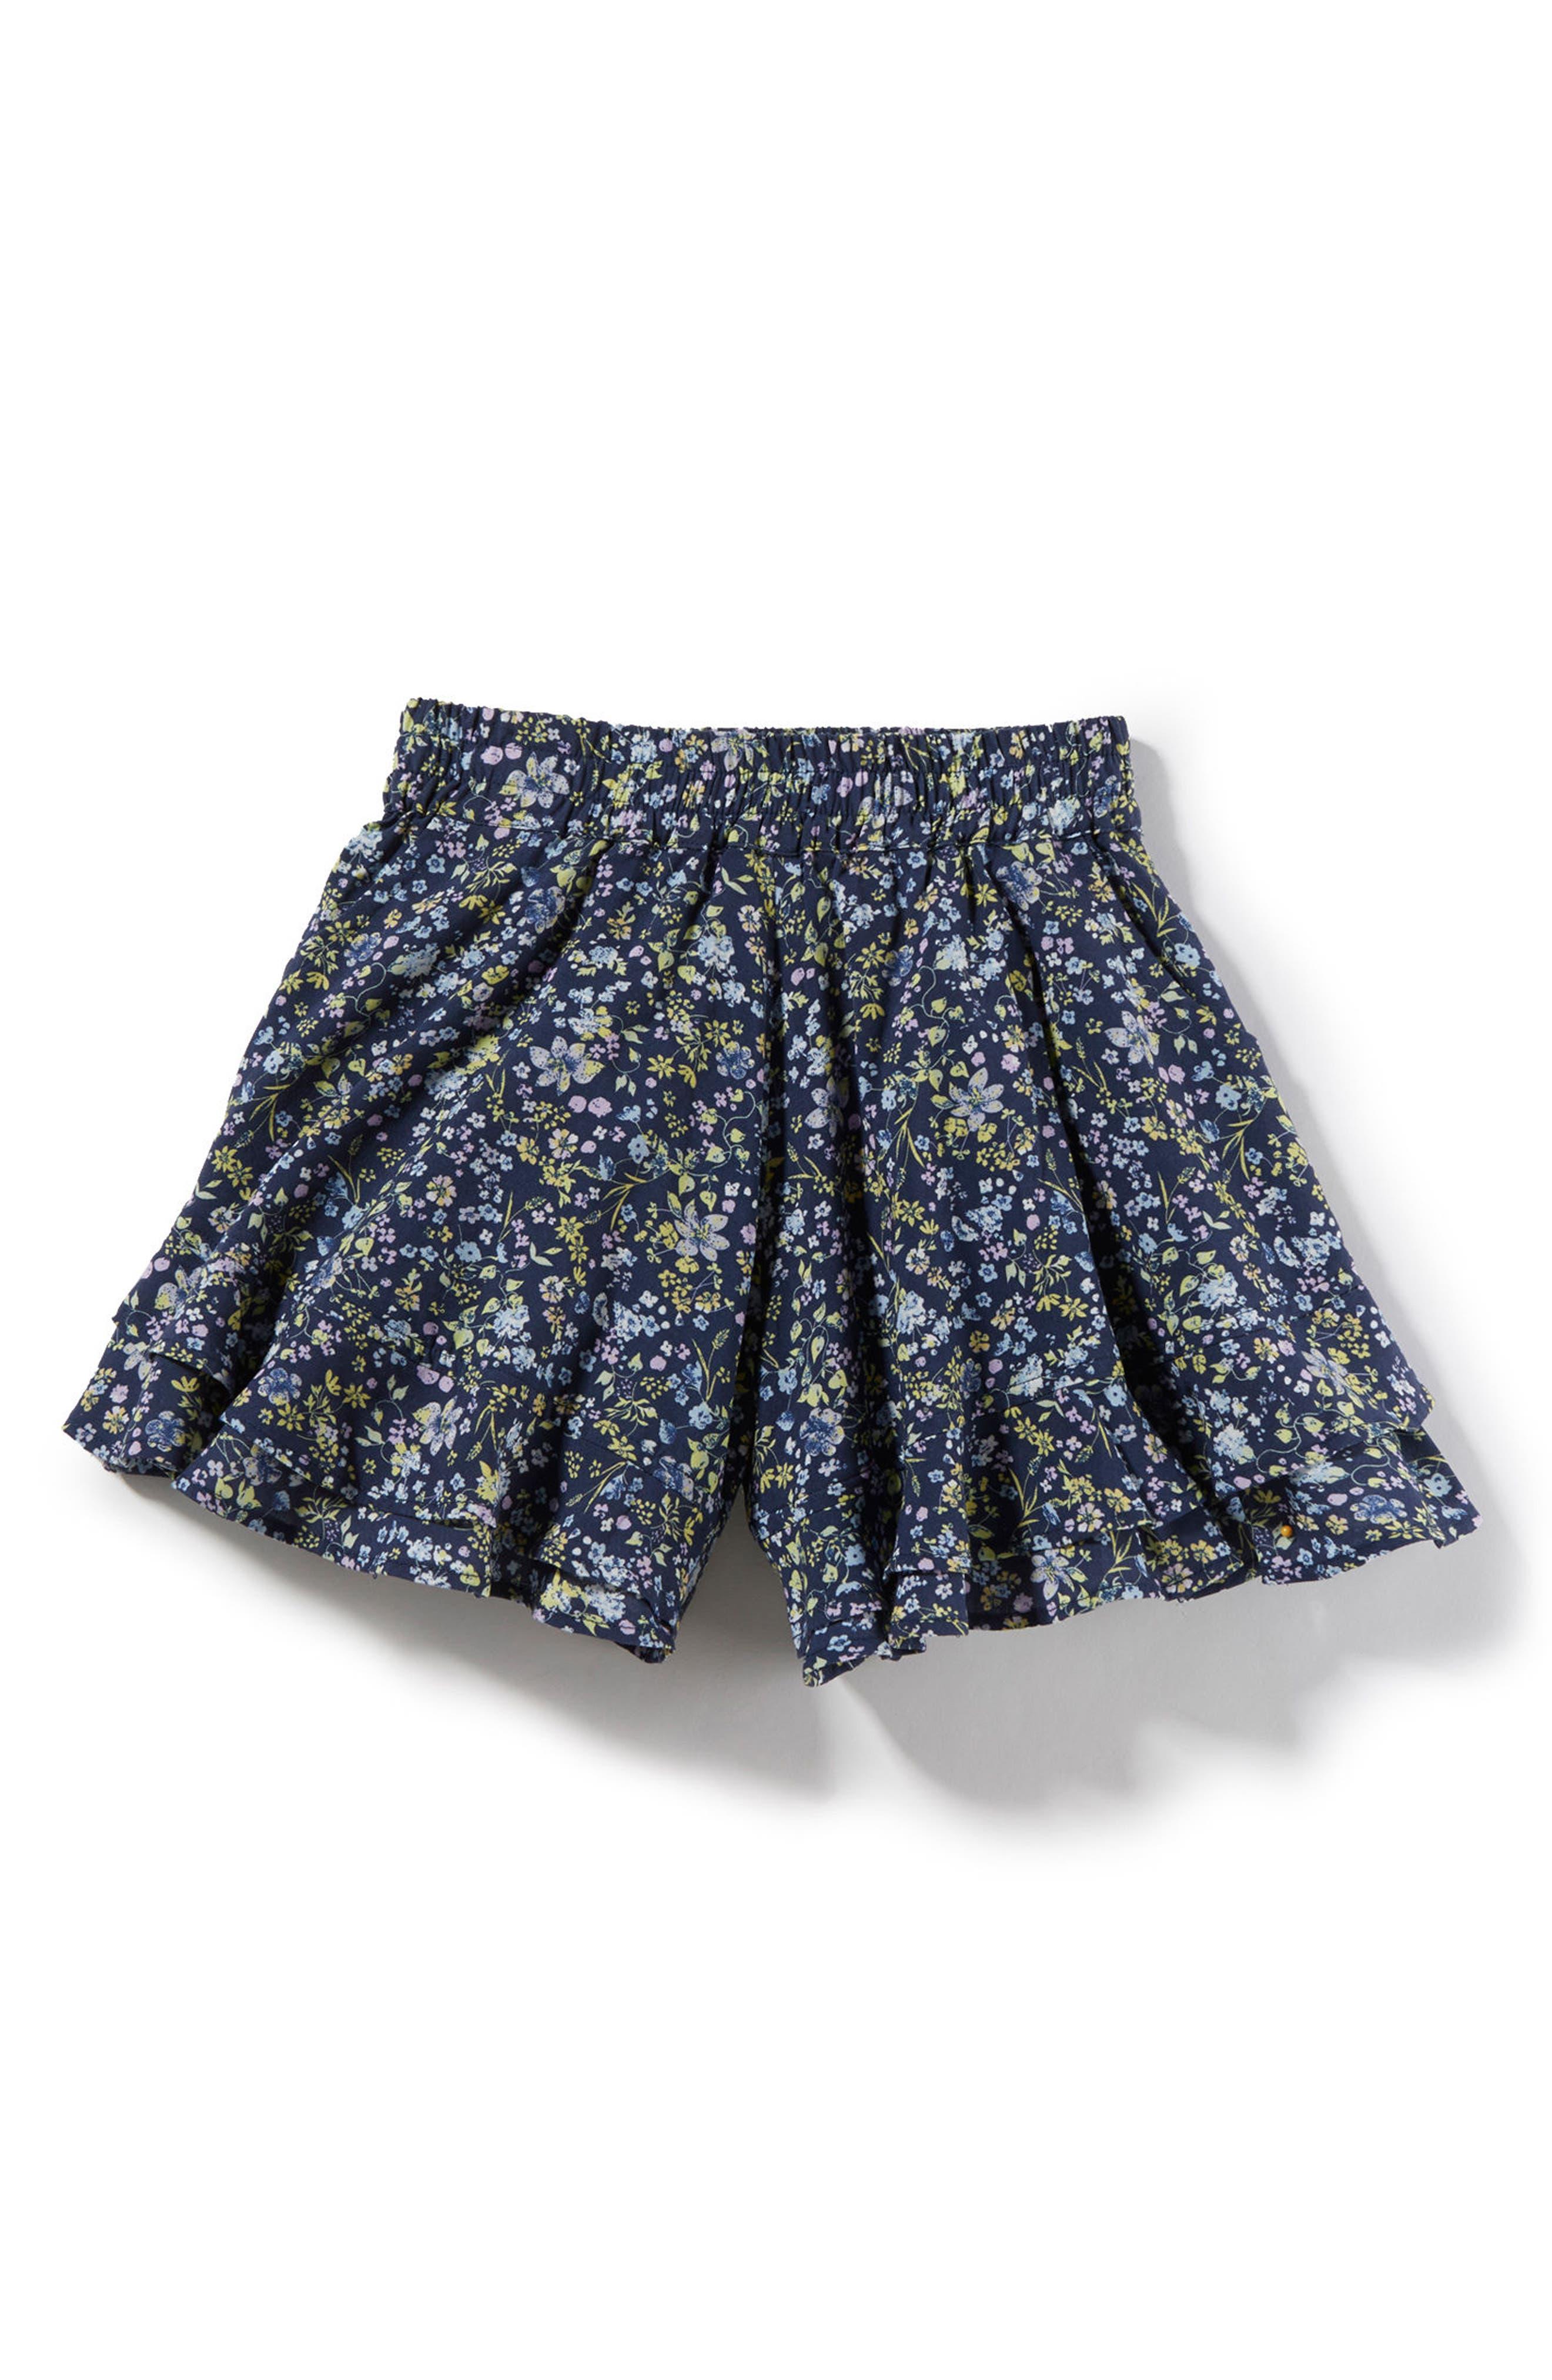 Paige Shorts,                             Main thumbnail 1, color,                             Blue